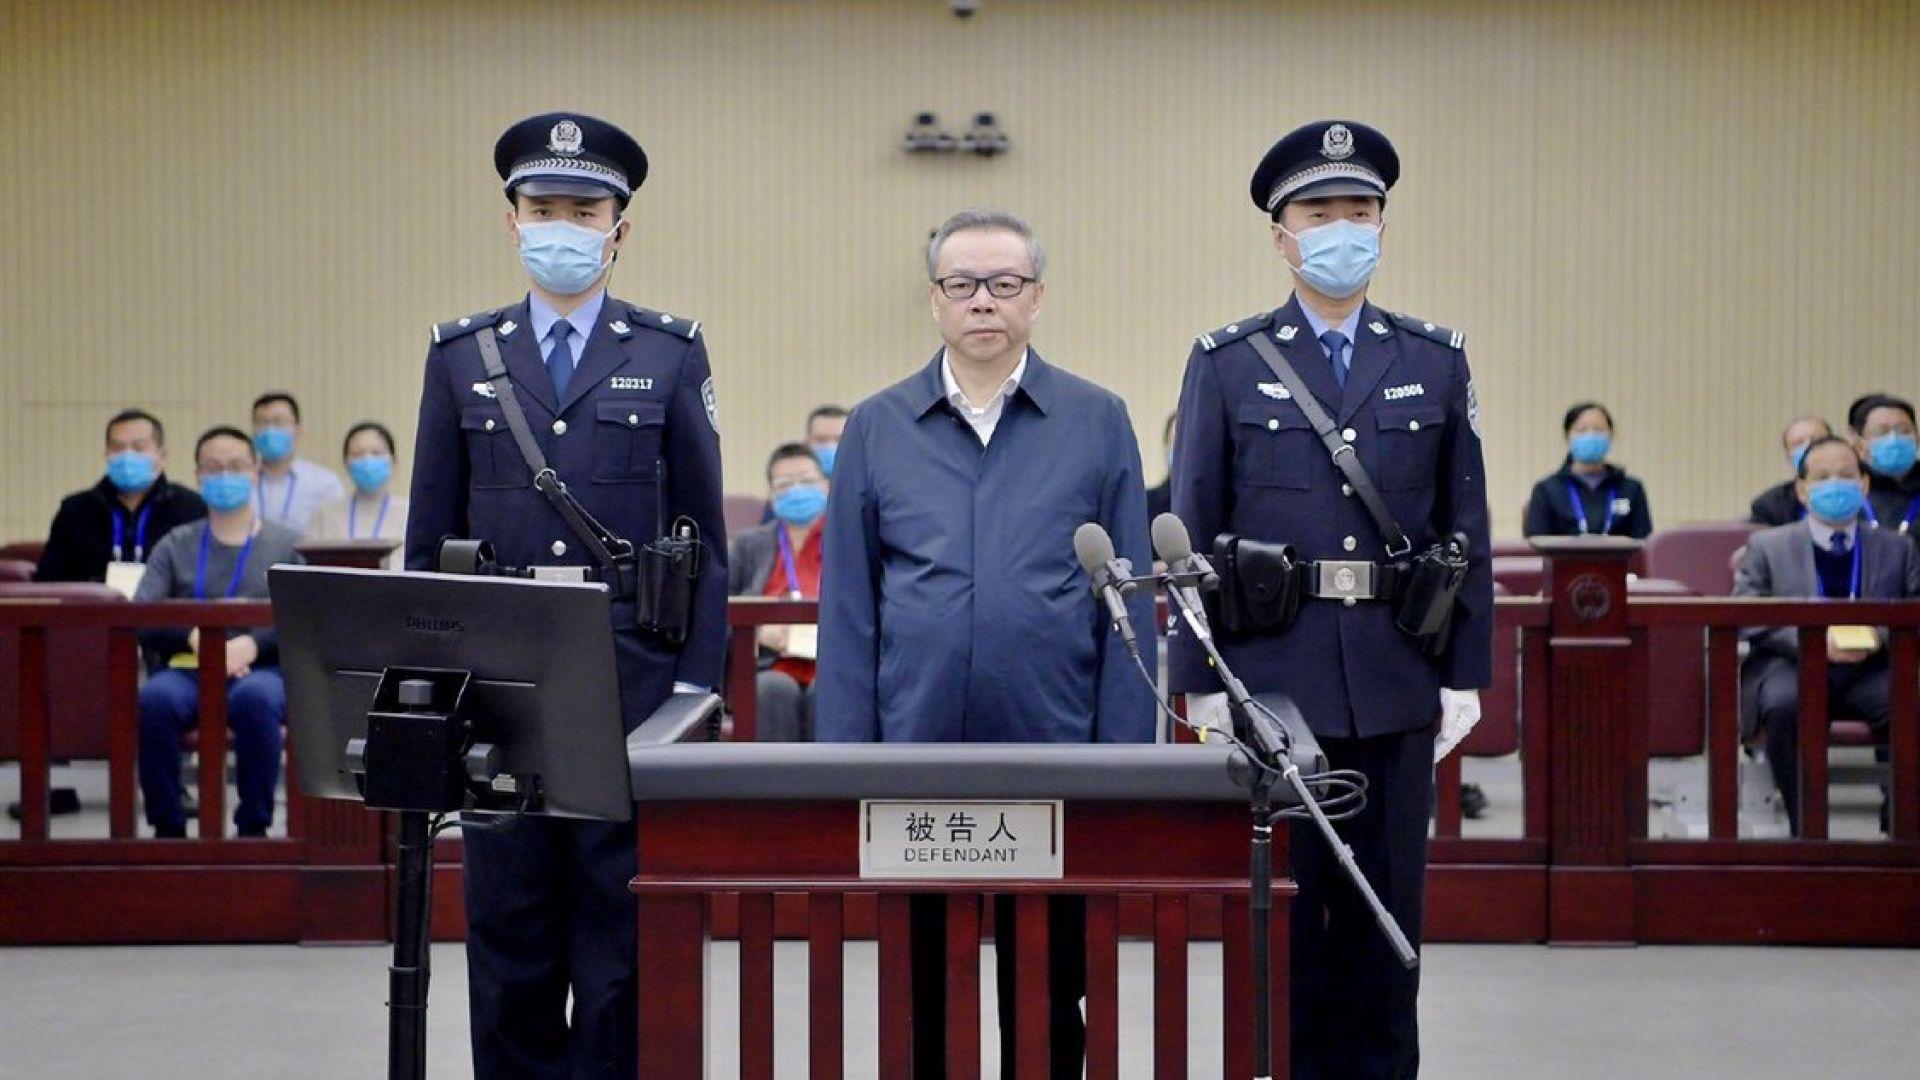 Осъдиха на смърт бивш партиен секретар в Китай - за  215 млн. евро подкупи и полигамия